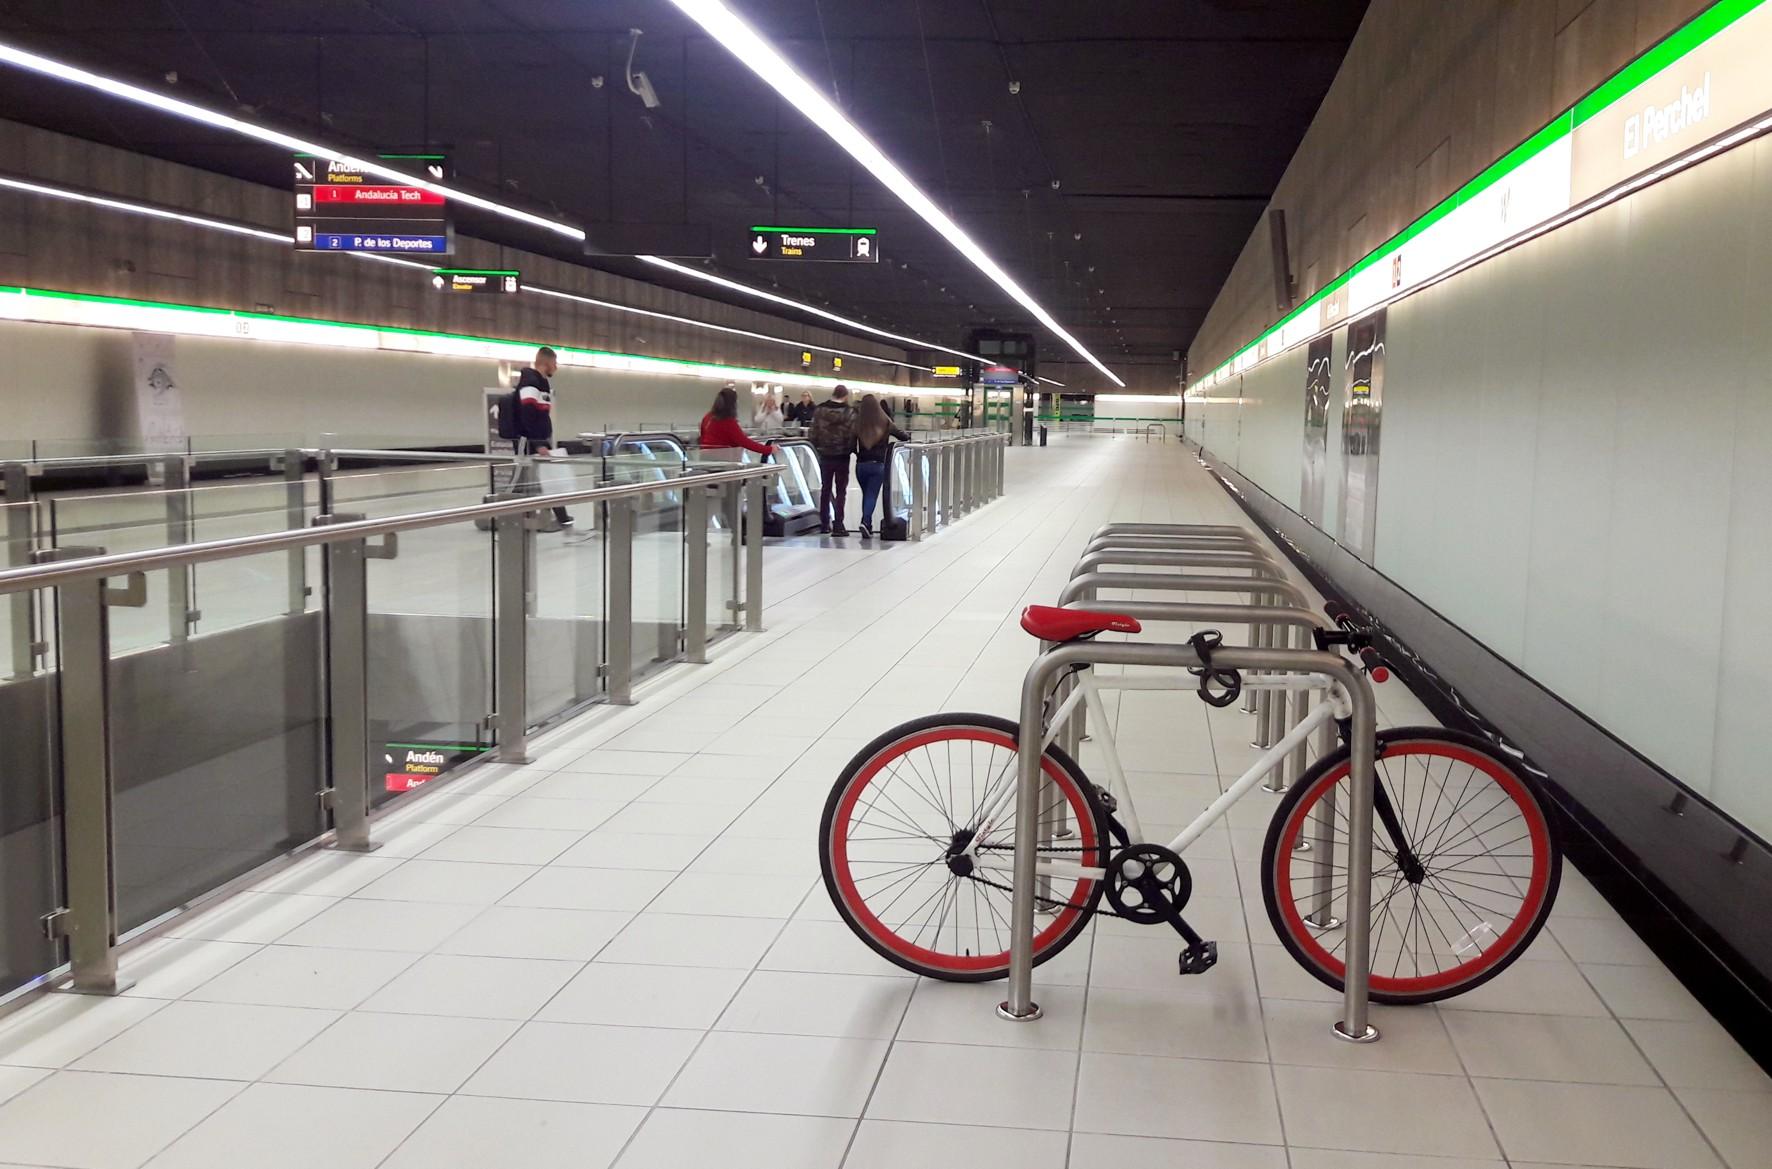 Los bicicleteros del metro de Málaga están en sitio seguro.